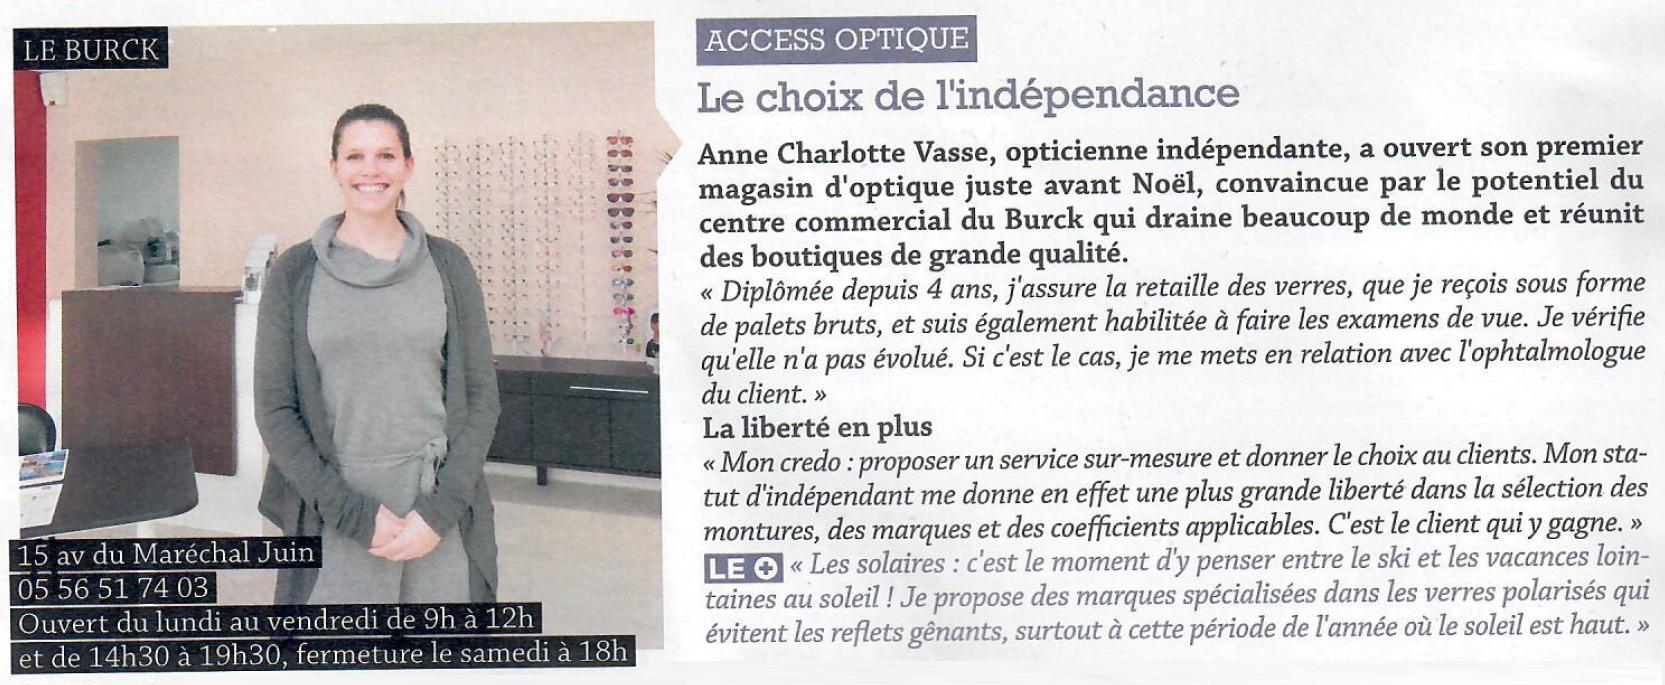 Access Optique Opticien Mérignac